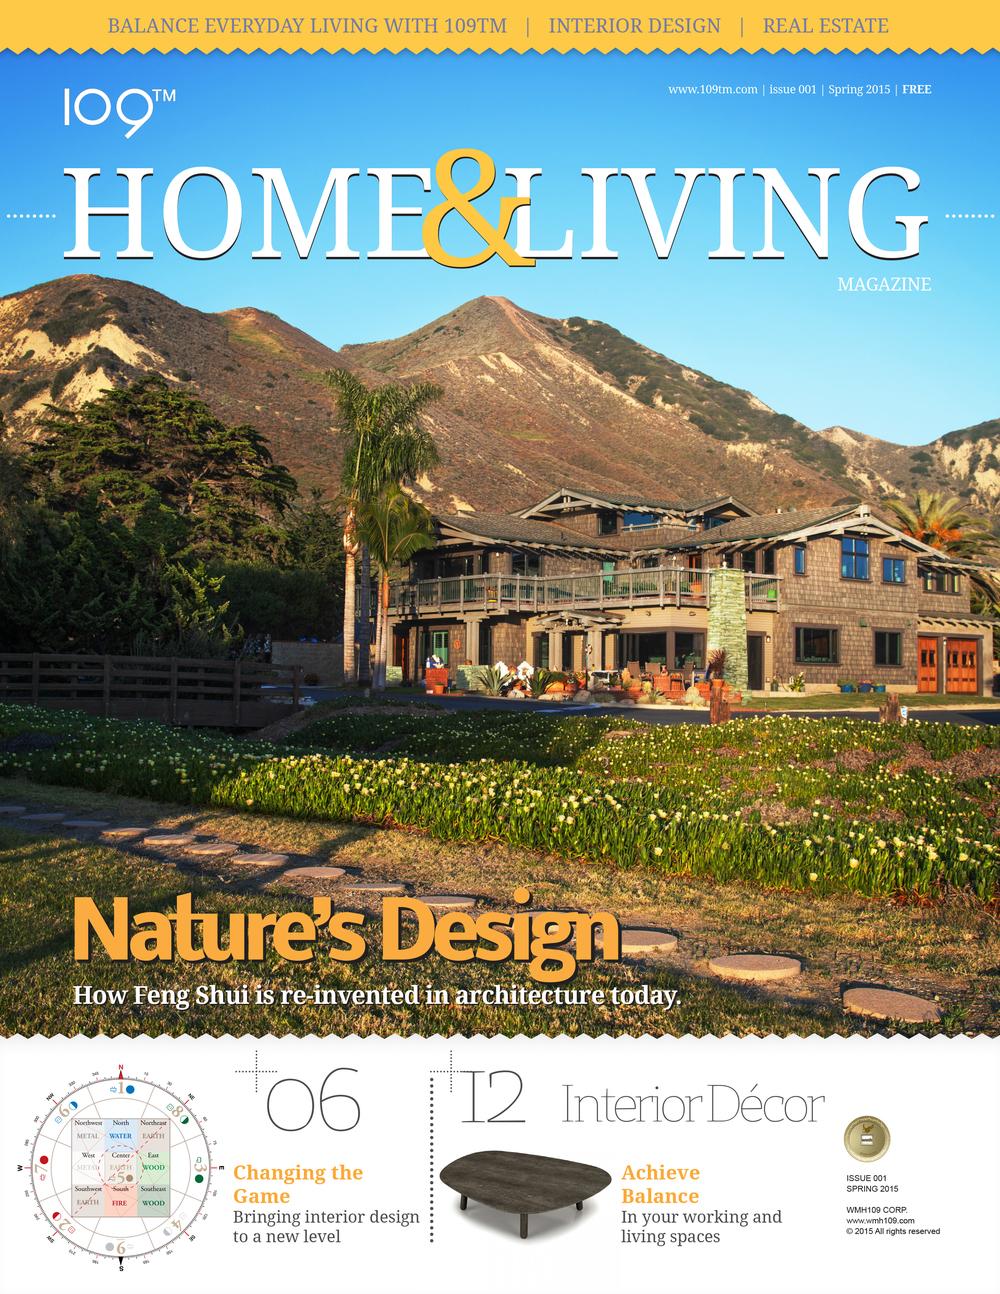 20150410_109tm_Home&Living_Magazine_R4-1.jpg